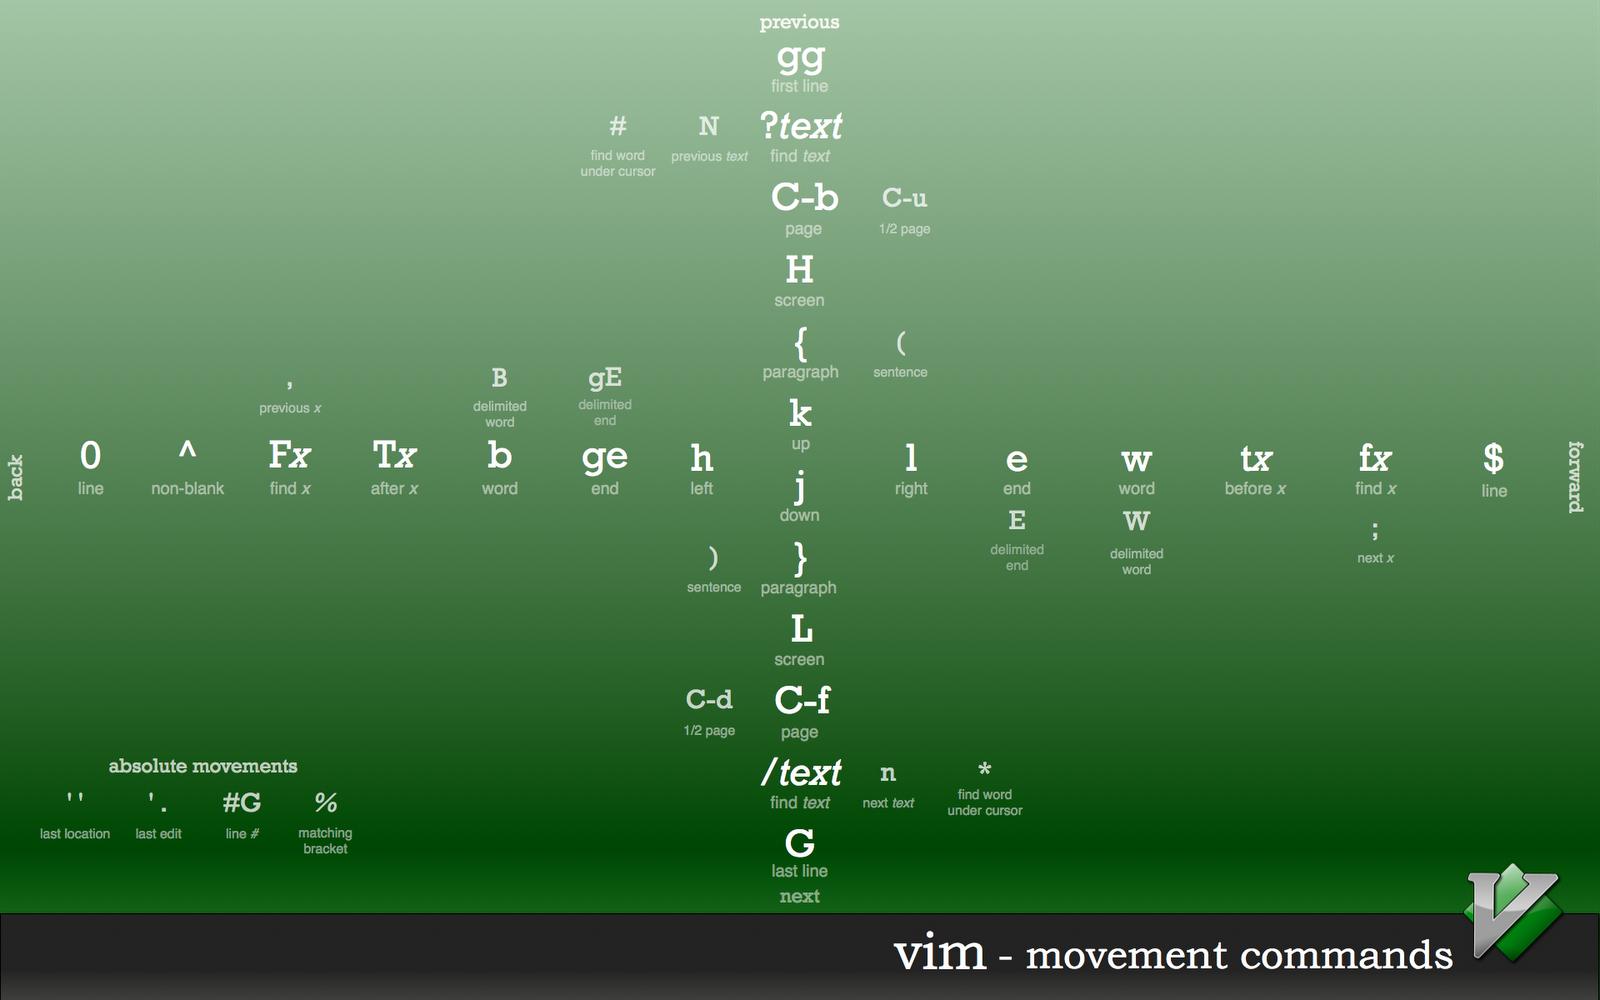 Vim-movevement commands